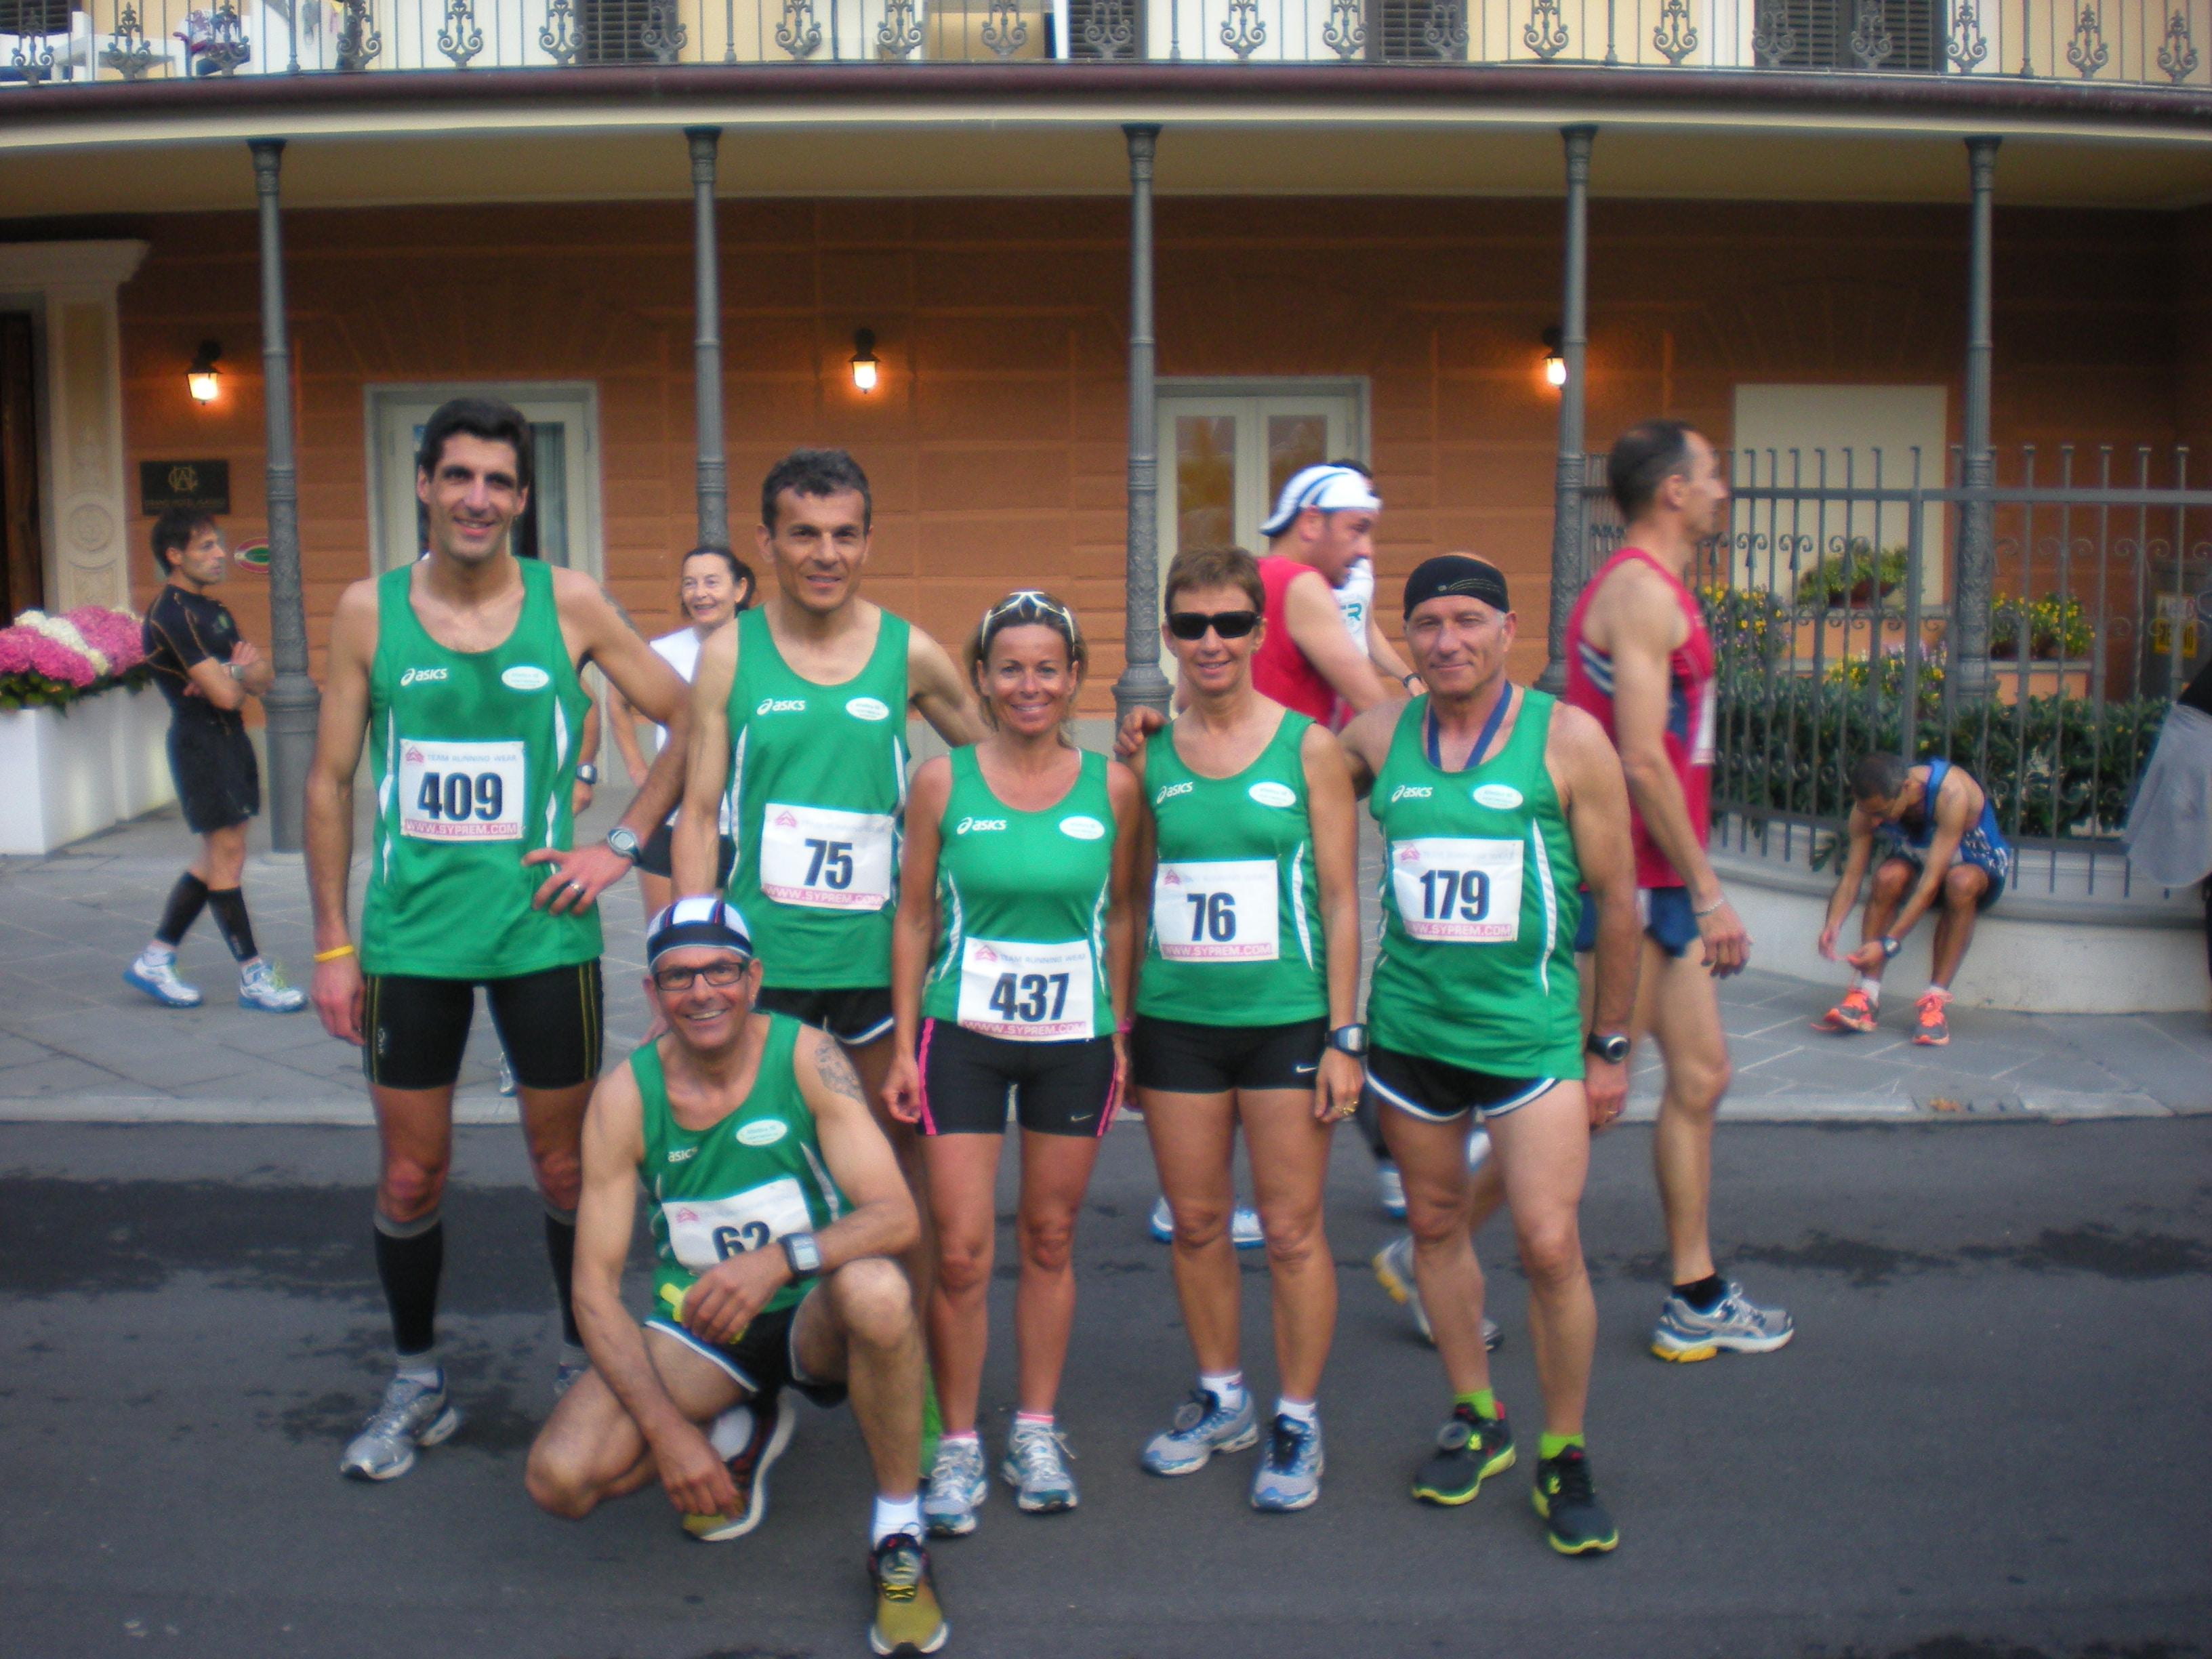 """Da un anno """"operativa"""" come costola master dell'Atletica Ventimiglia '92, nei prossimi mesi la Ventimiglia Marathon affronterà tutta una serie di maratone nazionali ed internazionali che la porranno tra i…"""